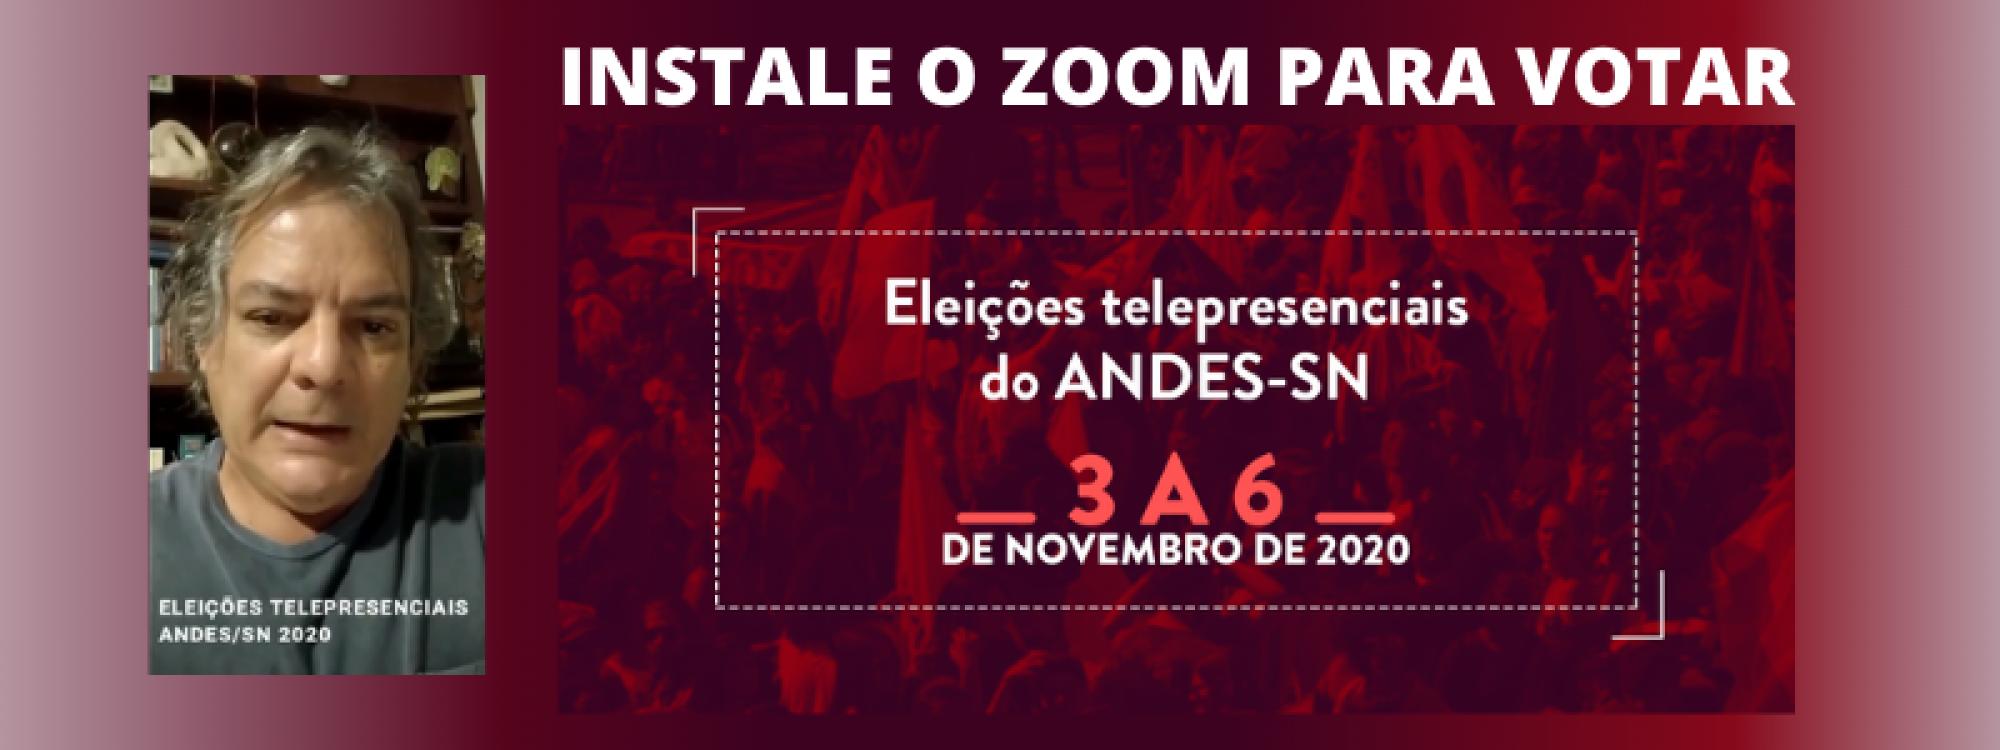 Eleições Telepresenciais ANDES/SN 2020 - instale o Zoom para votar